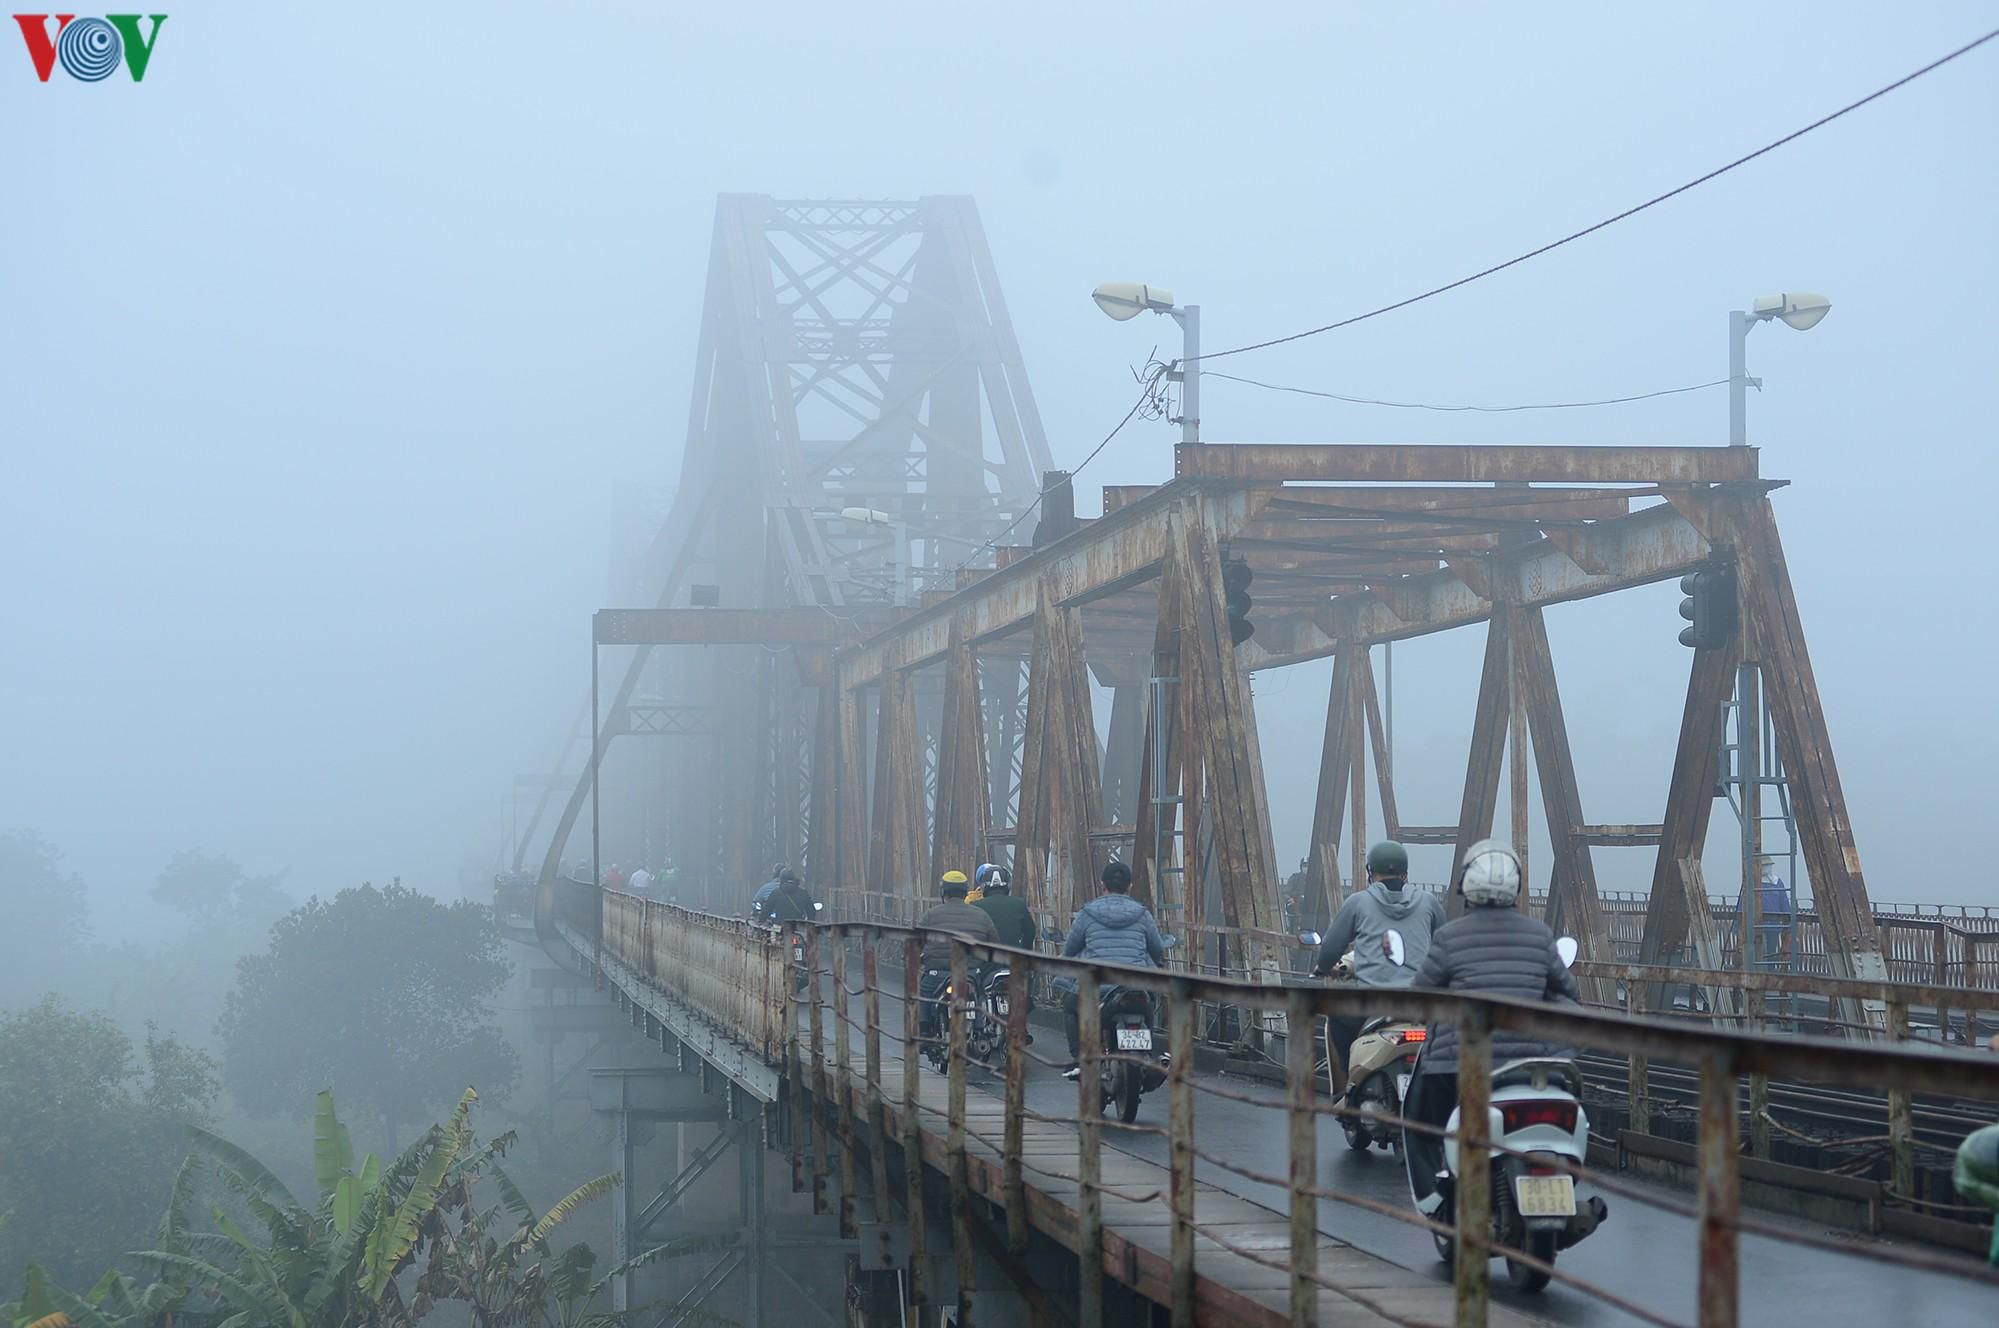 Hà Nội lại chìm trong sương mù dày đặc Ảnh 11